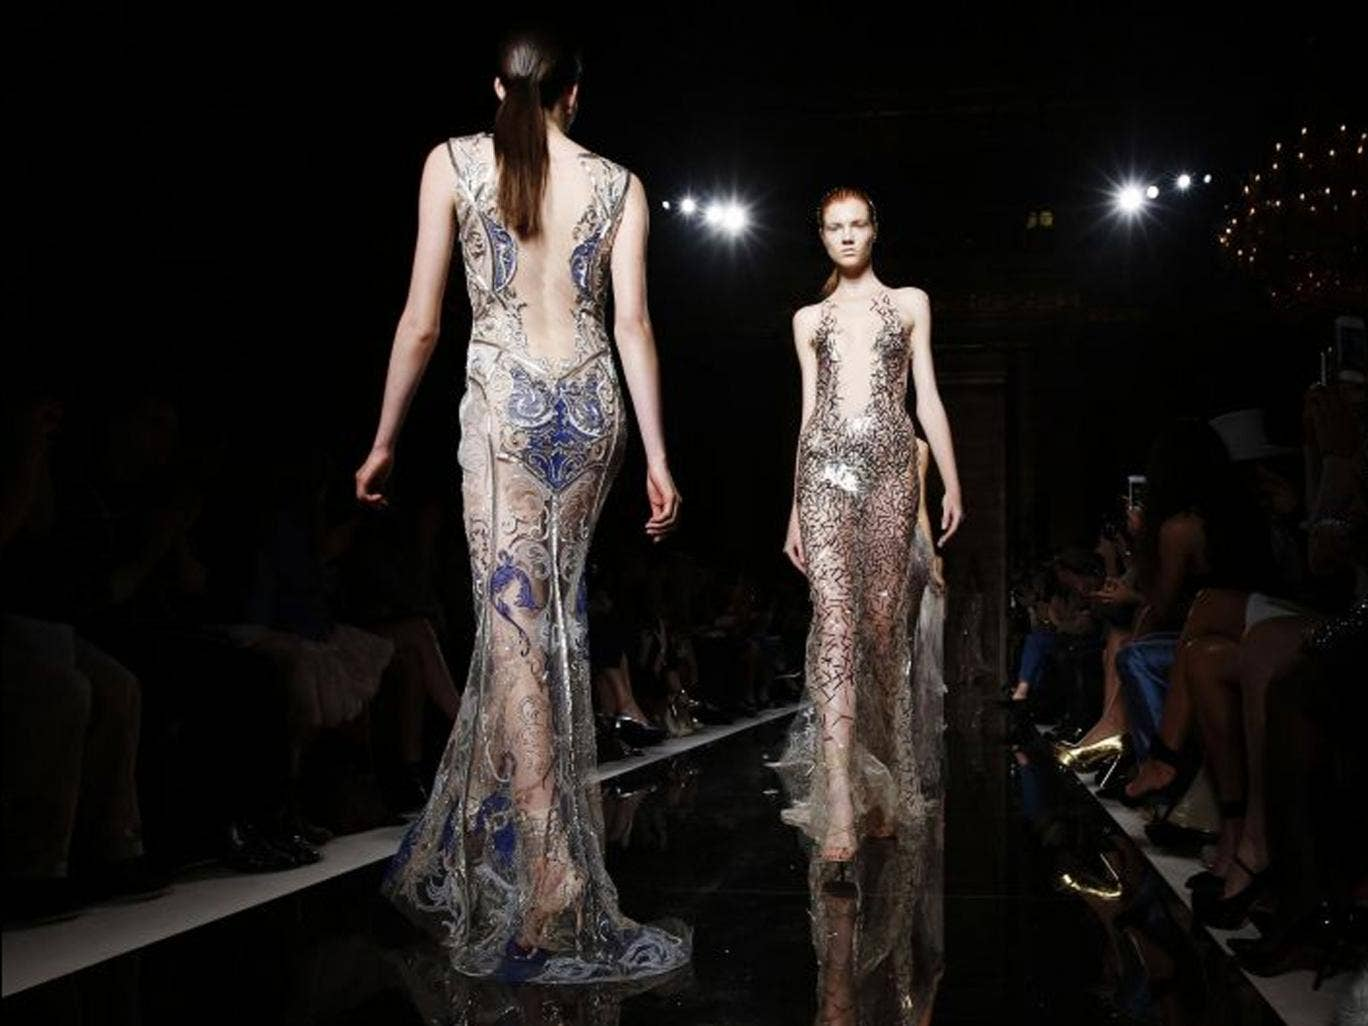 Models at Julien Macdonald's show